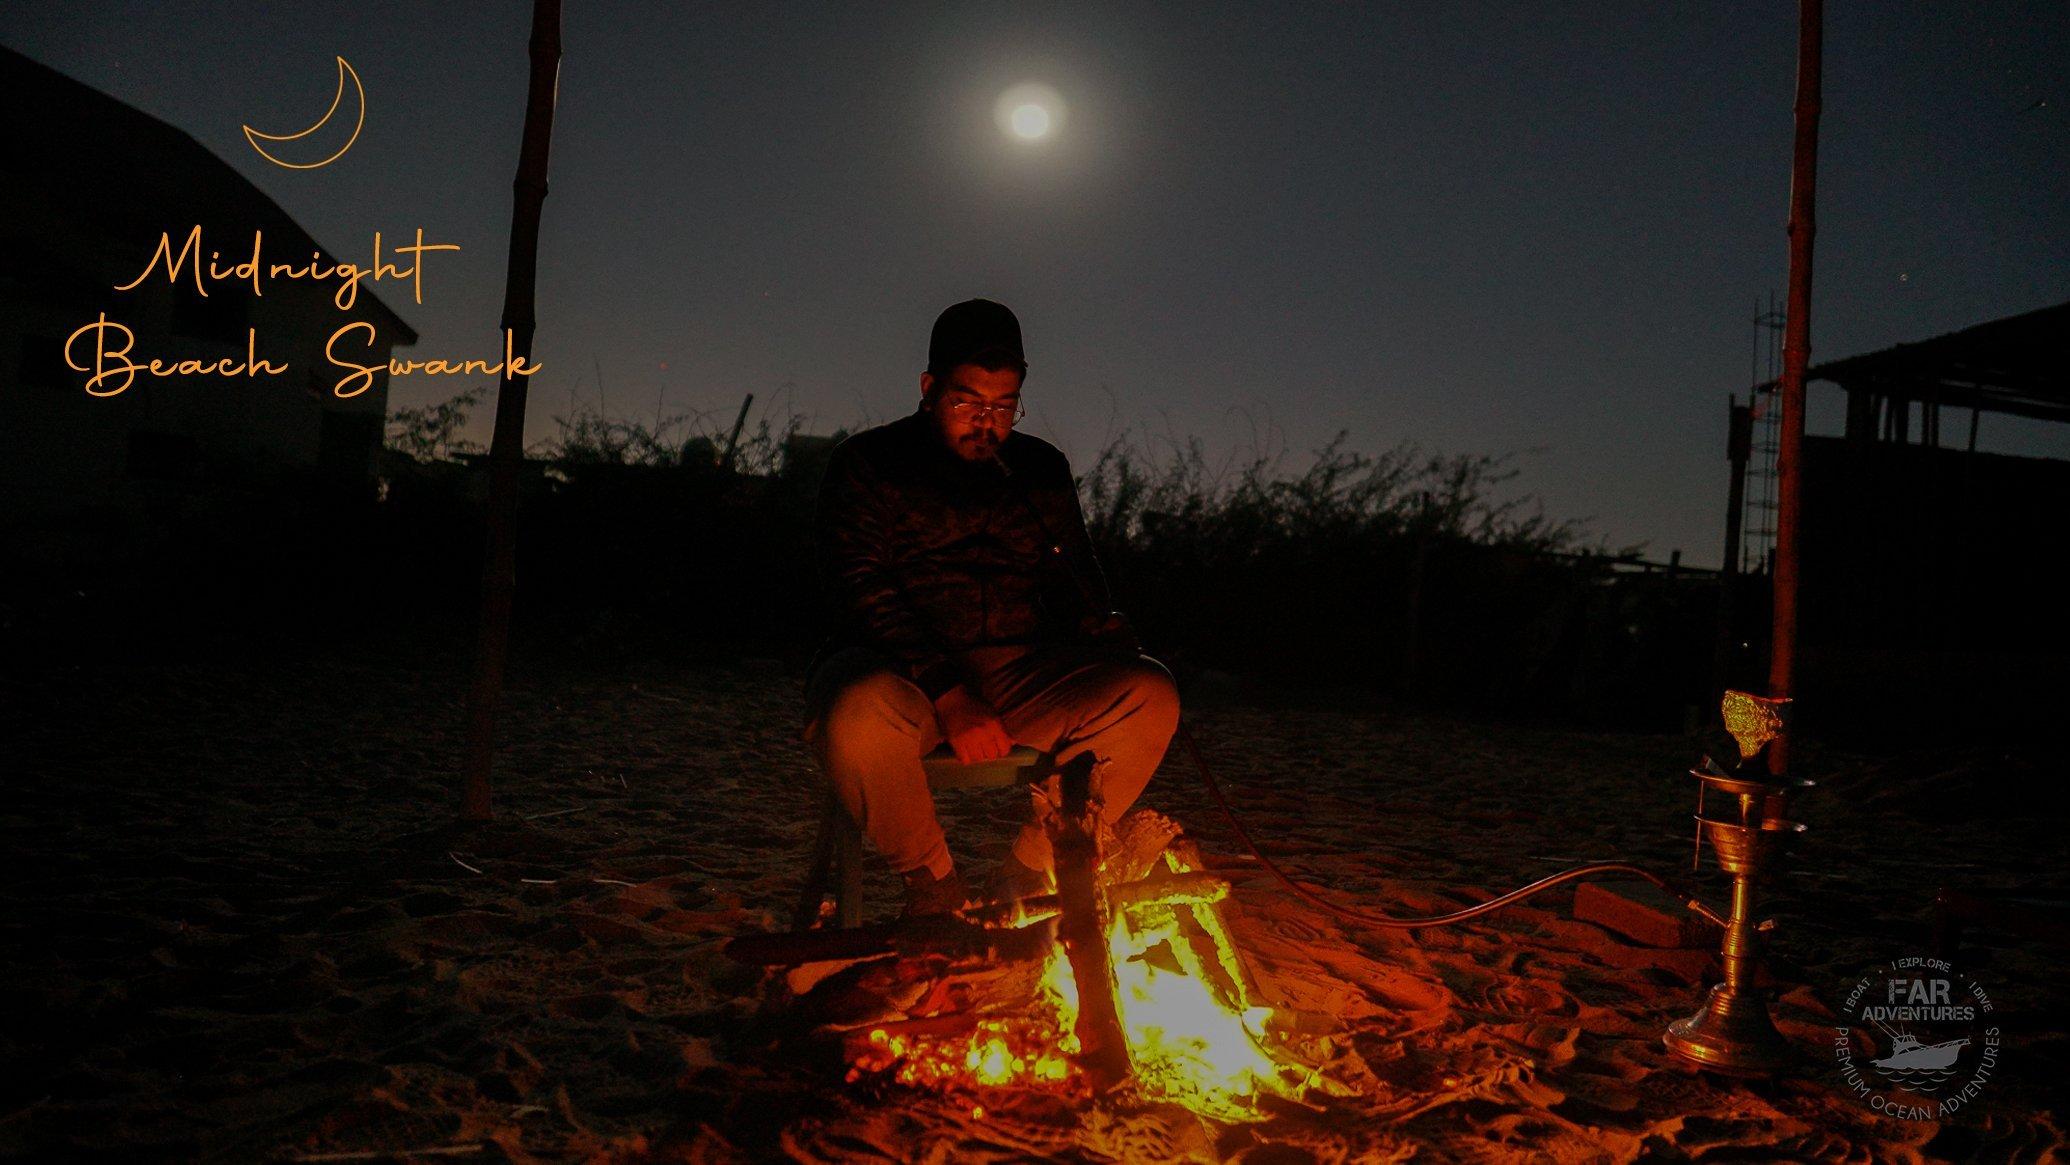 Mid Night Beach Swank - Moonlight - Bonfire - Tea - Chilling Winter Night